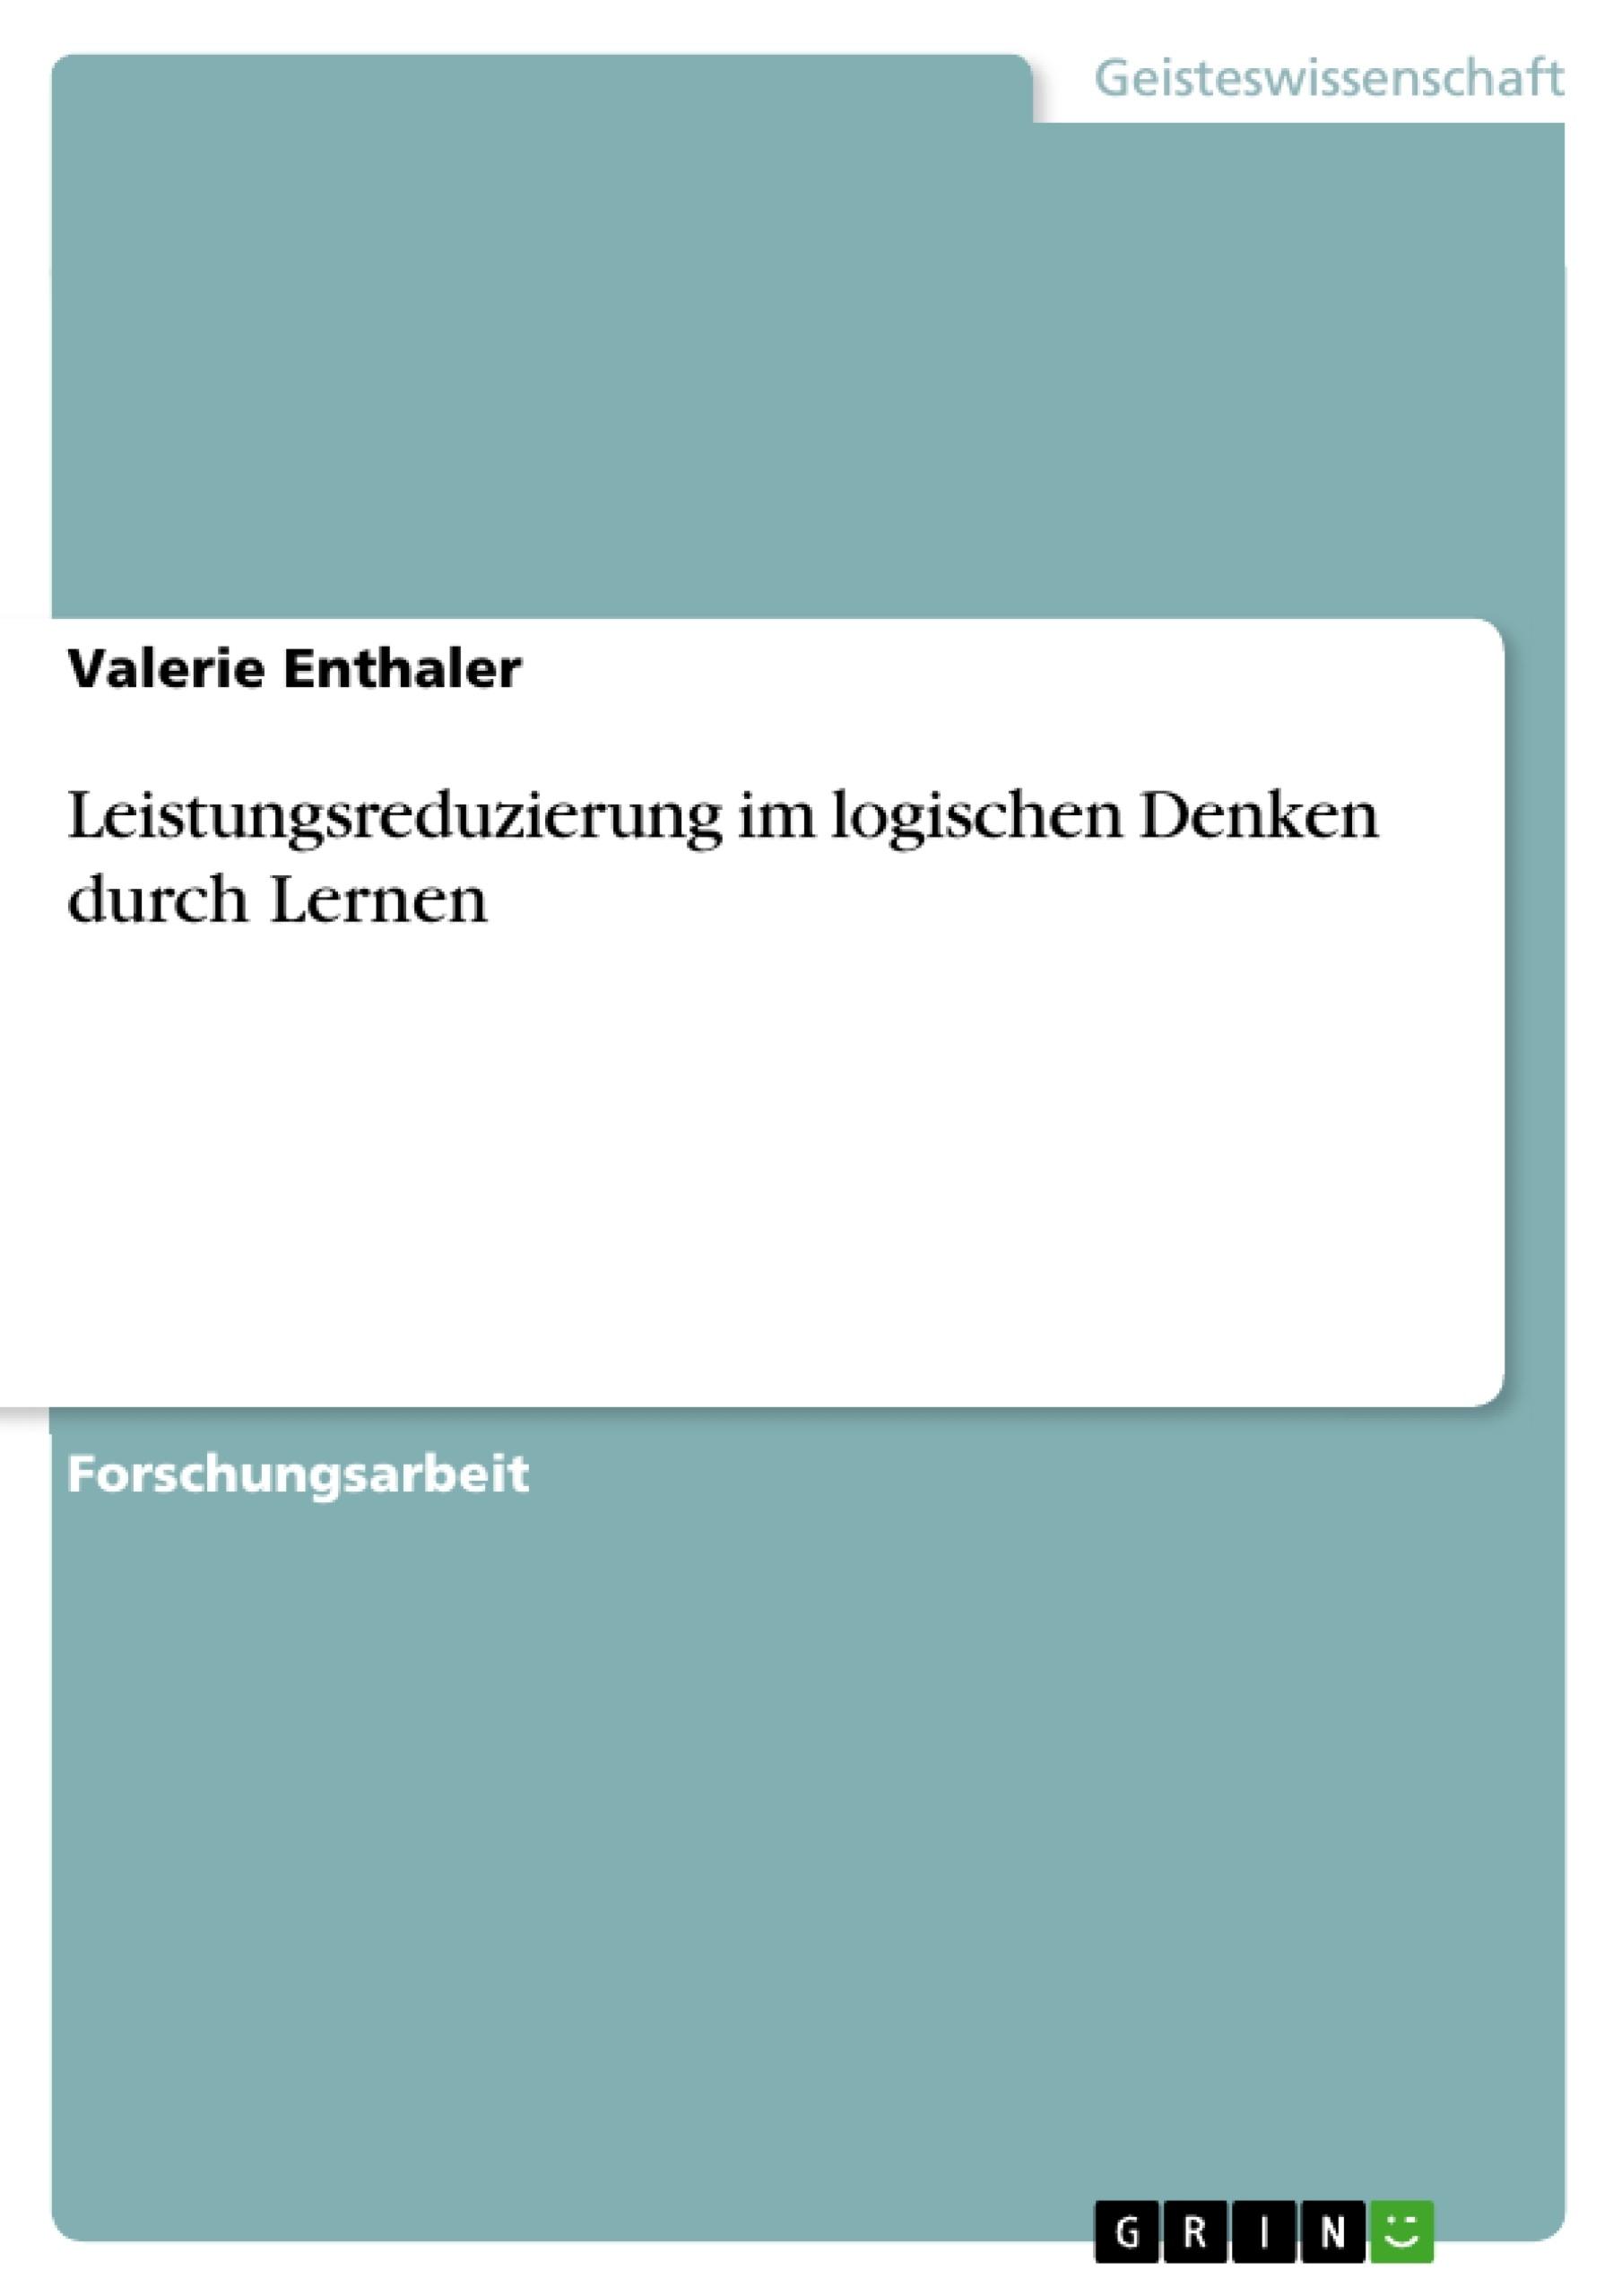 Titel: Leistungsreduzierung im logischen Denken durch Lernen